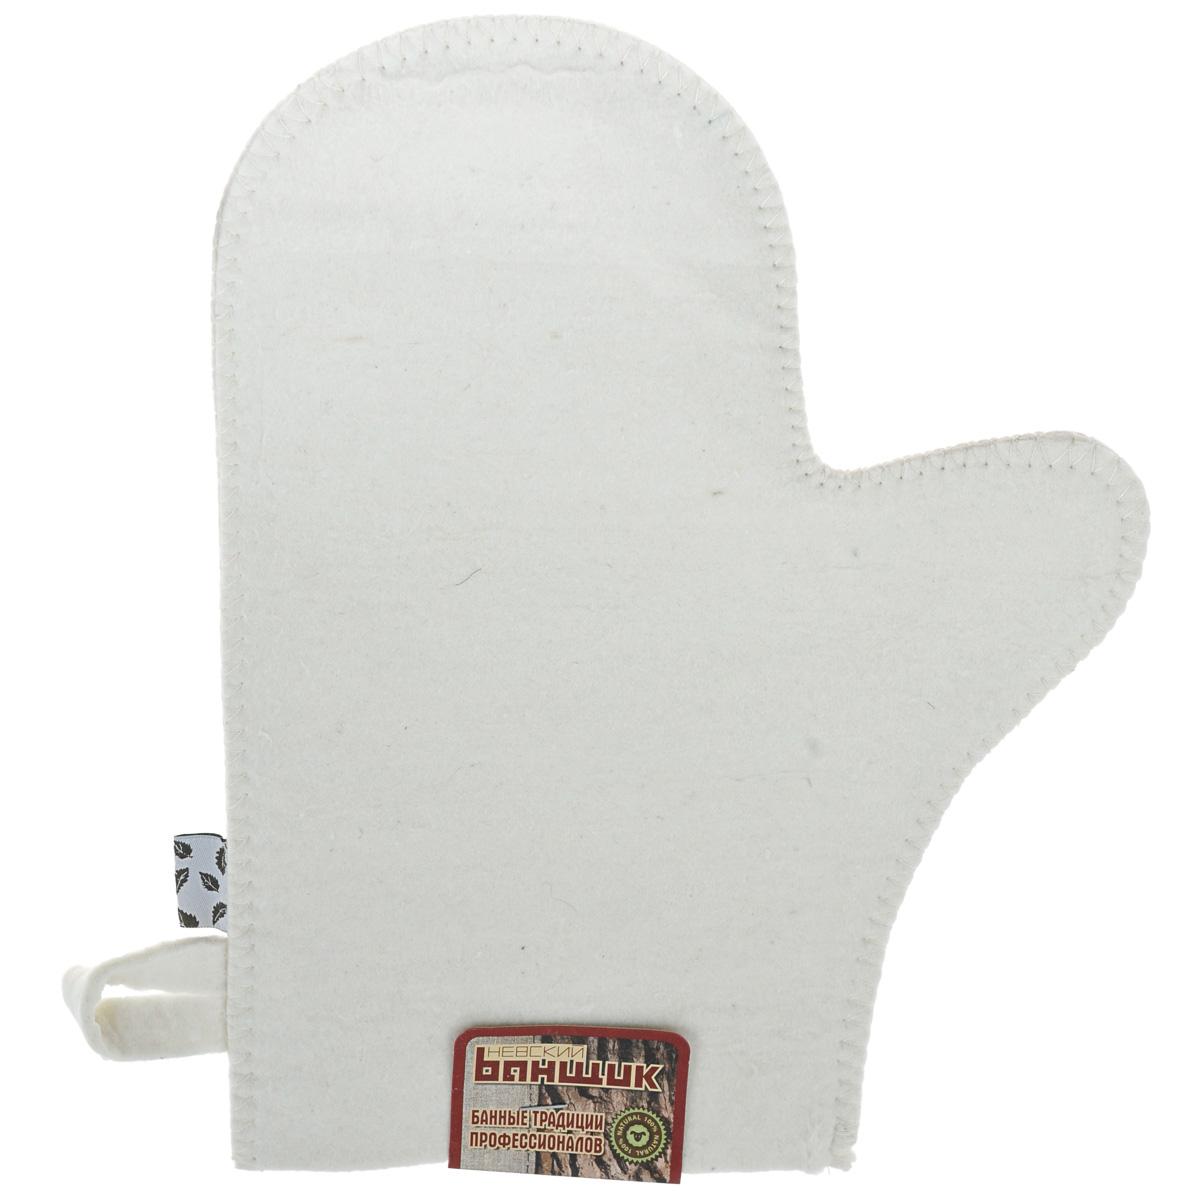 Рукавица для бани и сауны Невский банщик Классика, цвет: белый787502Рукавица Невский банщик Классика, изготовленная из фетра (шерсть), - незаменимый банный атрибут. Однотонная рукавица оснащена петелькой для подвешивания на крючок. Такая рукавица защищает руки от горячего пара, делает комфортным пребывание в парной. Также ею можно прекрасно промассировать тело.Размер: 29 см х 22,5 см.